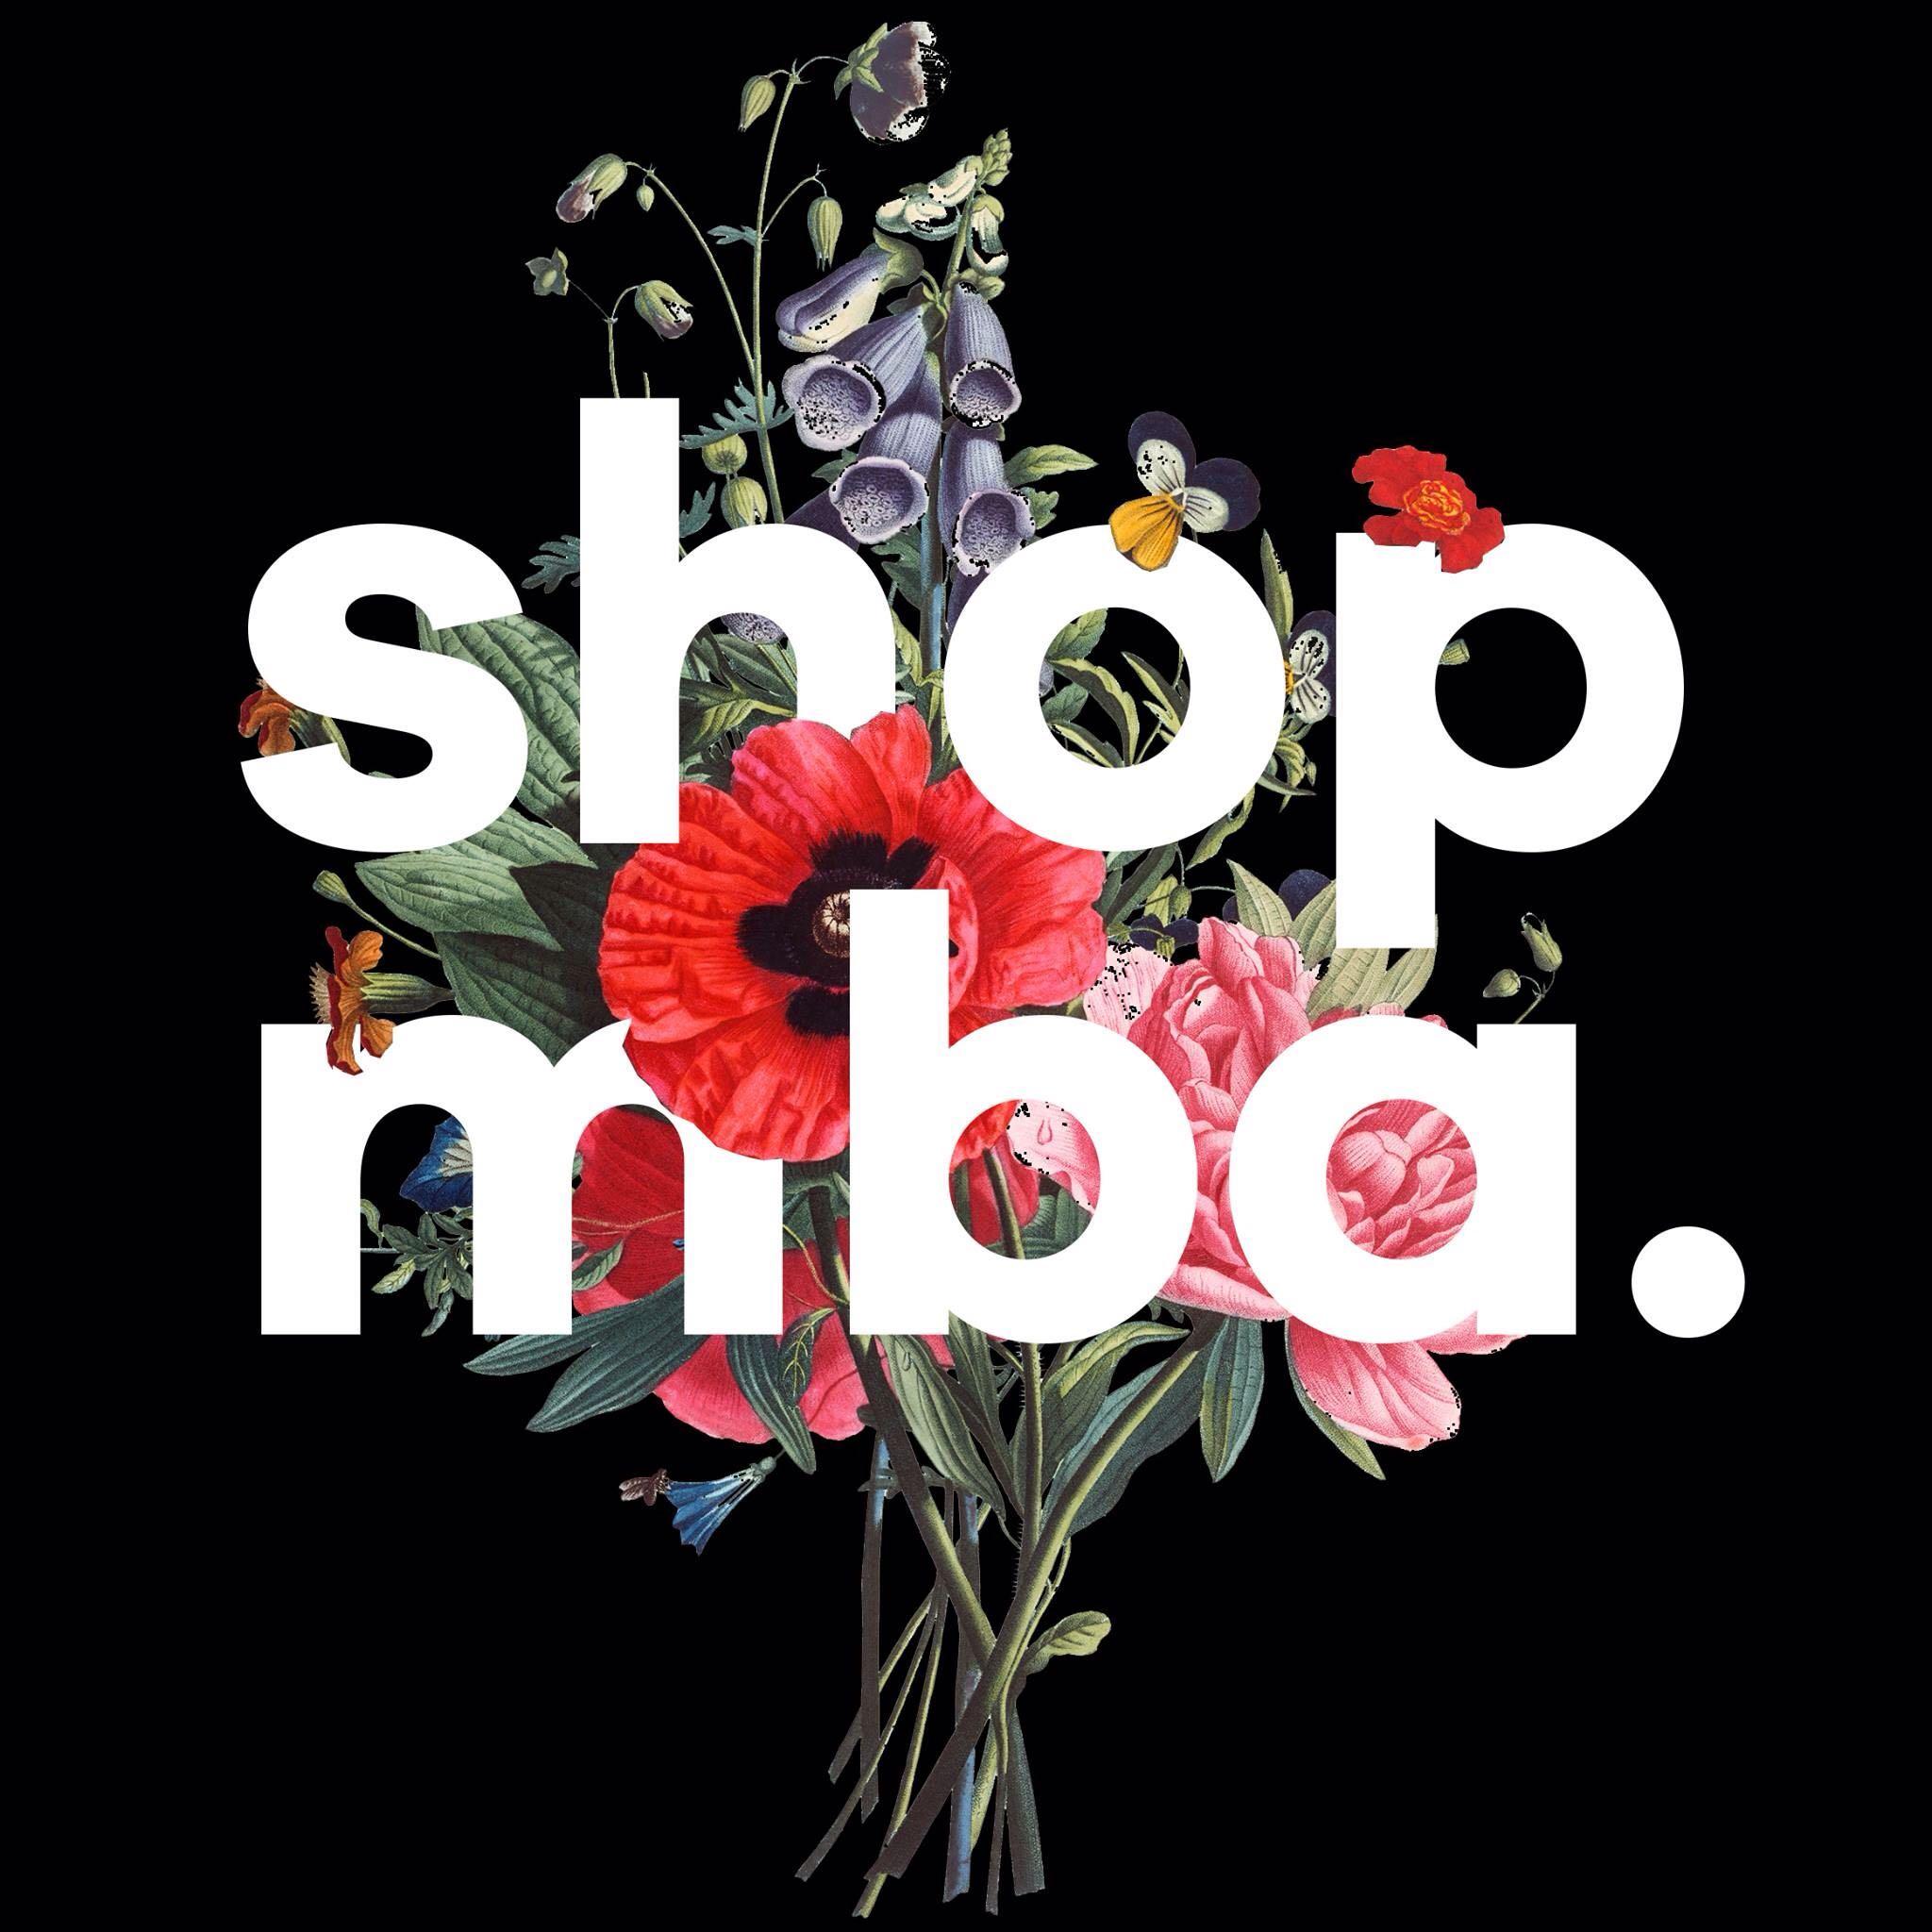 shop.mba